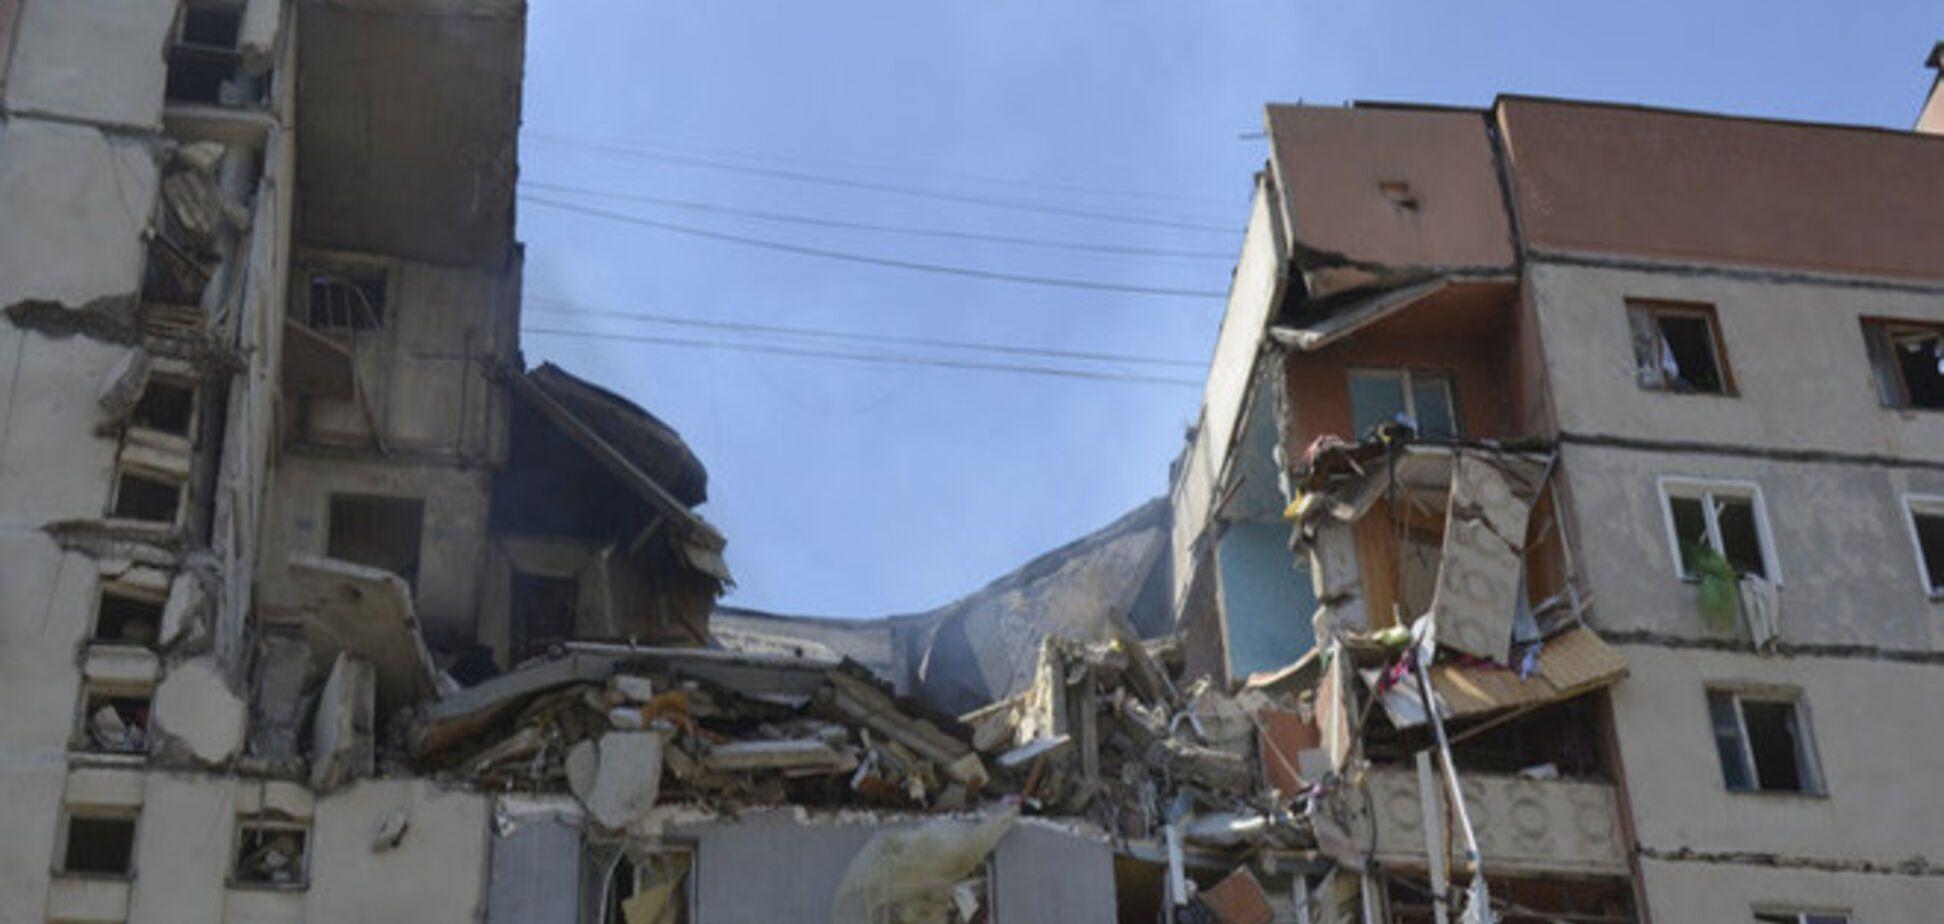 Три человека погибли и еще пять человек пострадали при взрыве в Николаеве - ГосЧС